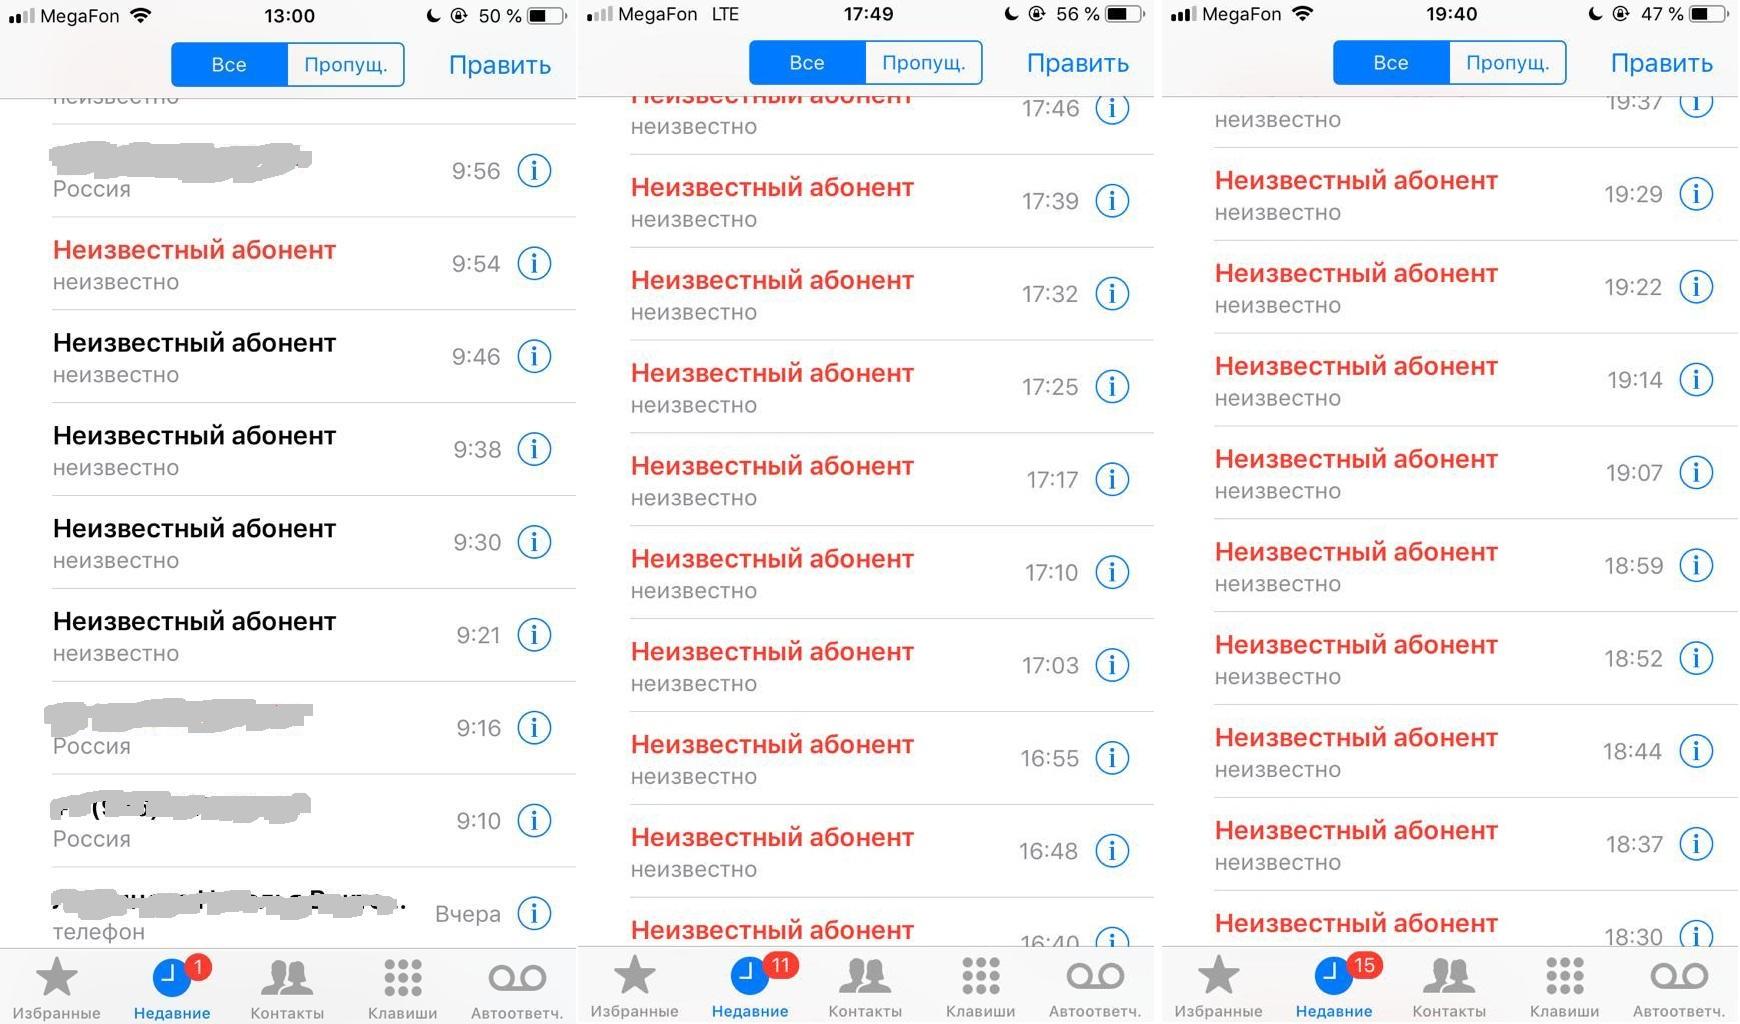 спам база телефонных номеров